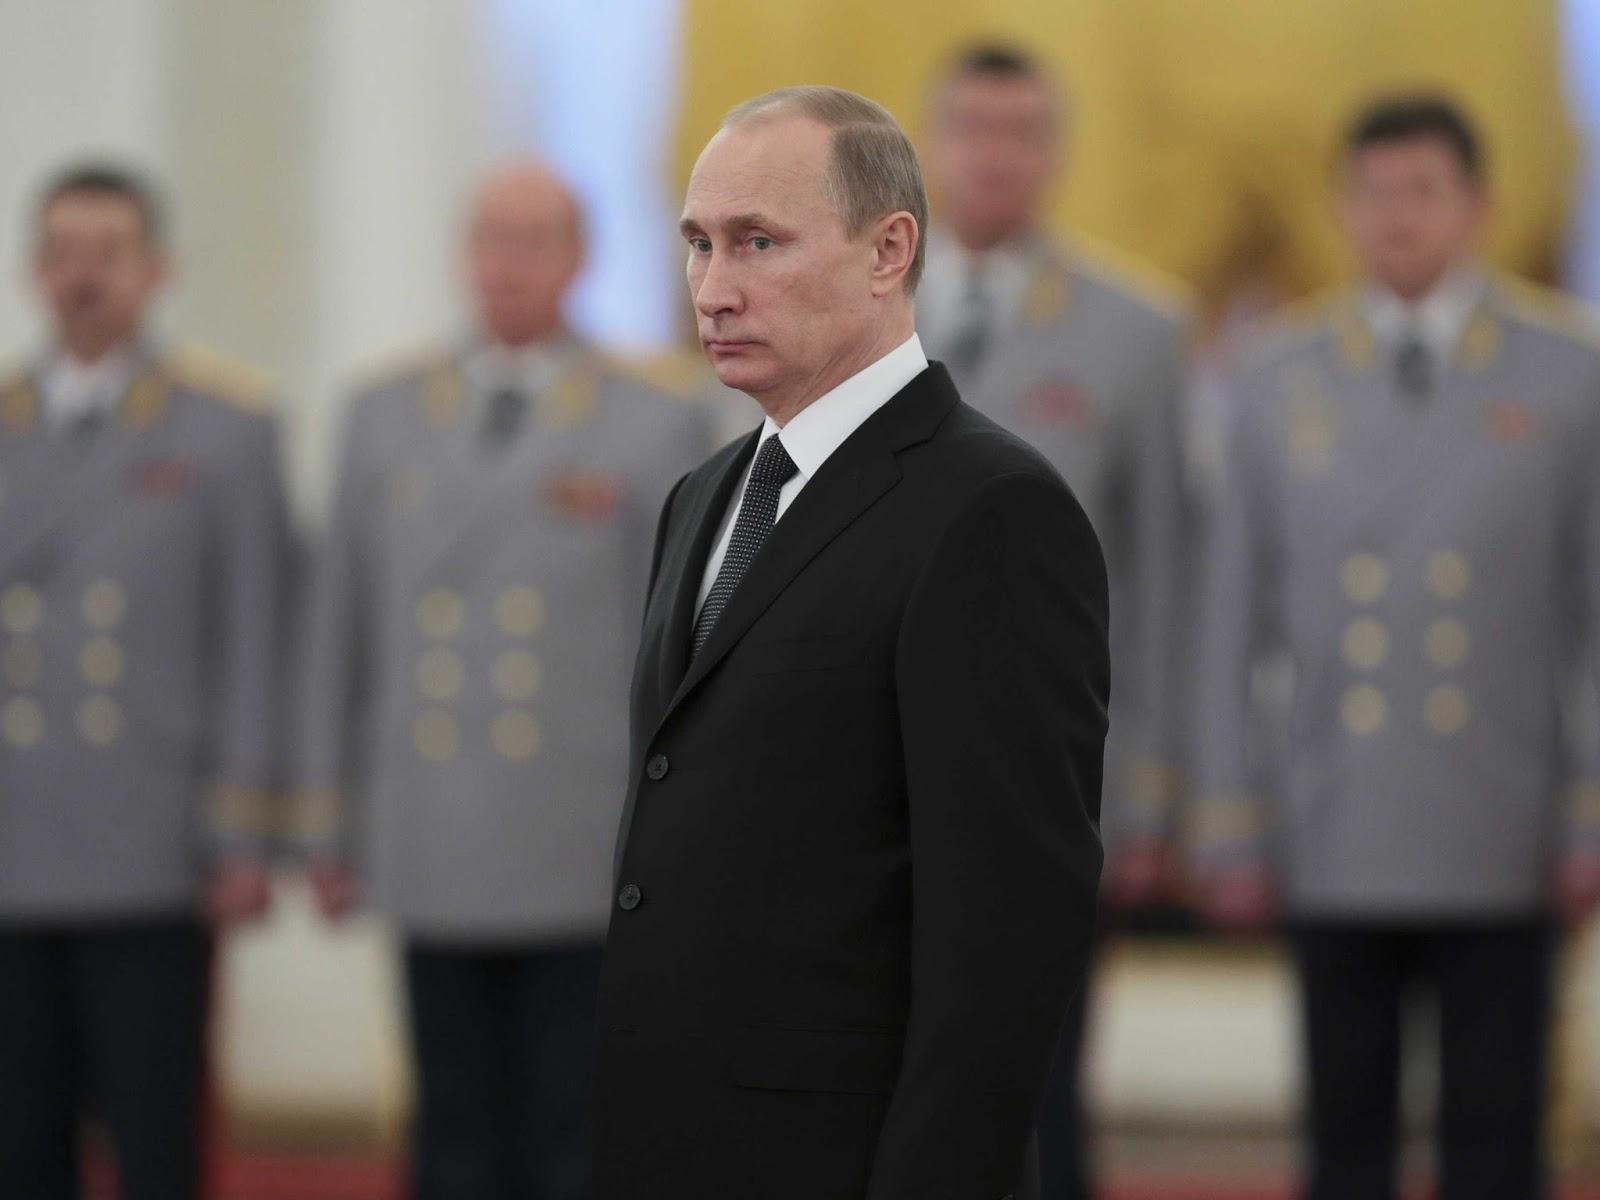 Zespół Aspergera Image: Czy Putin Ma Zespół Aspergera? Mowa Ciała Putina